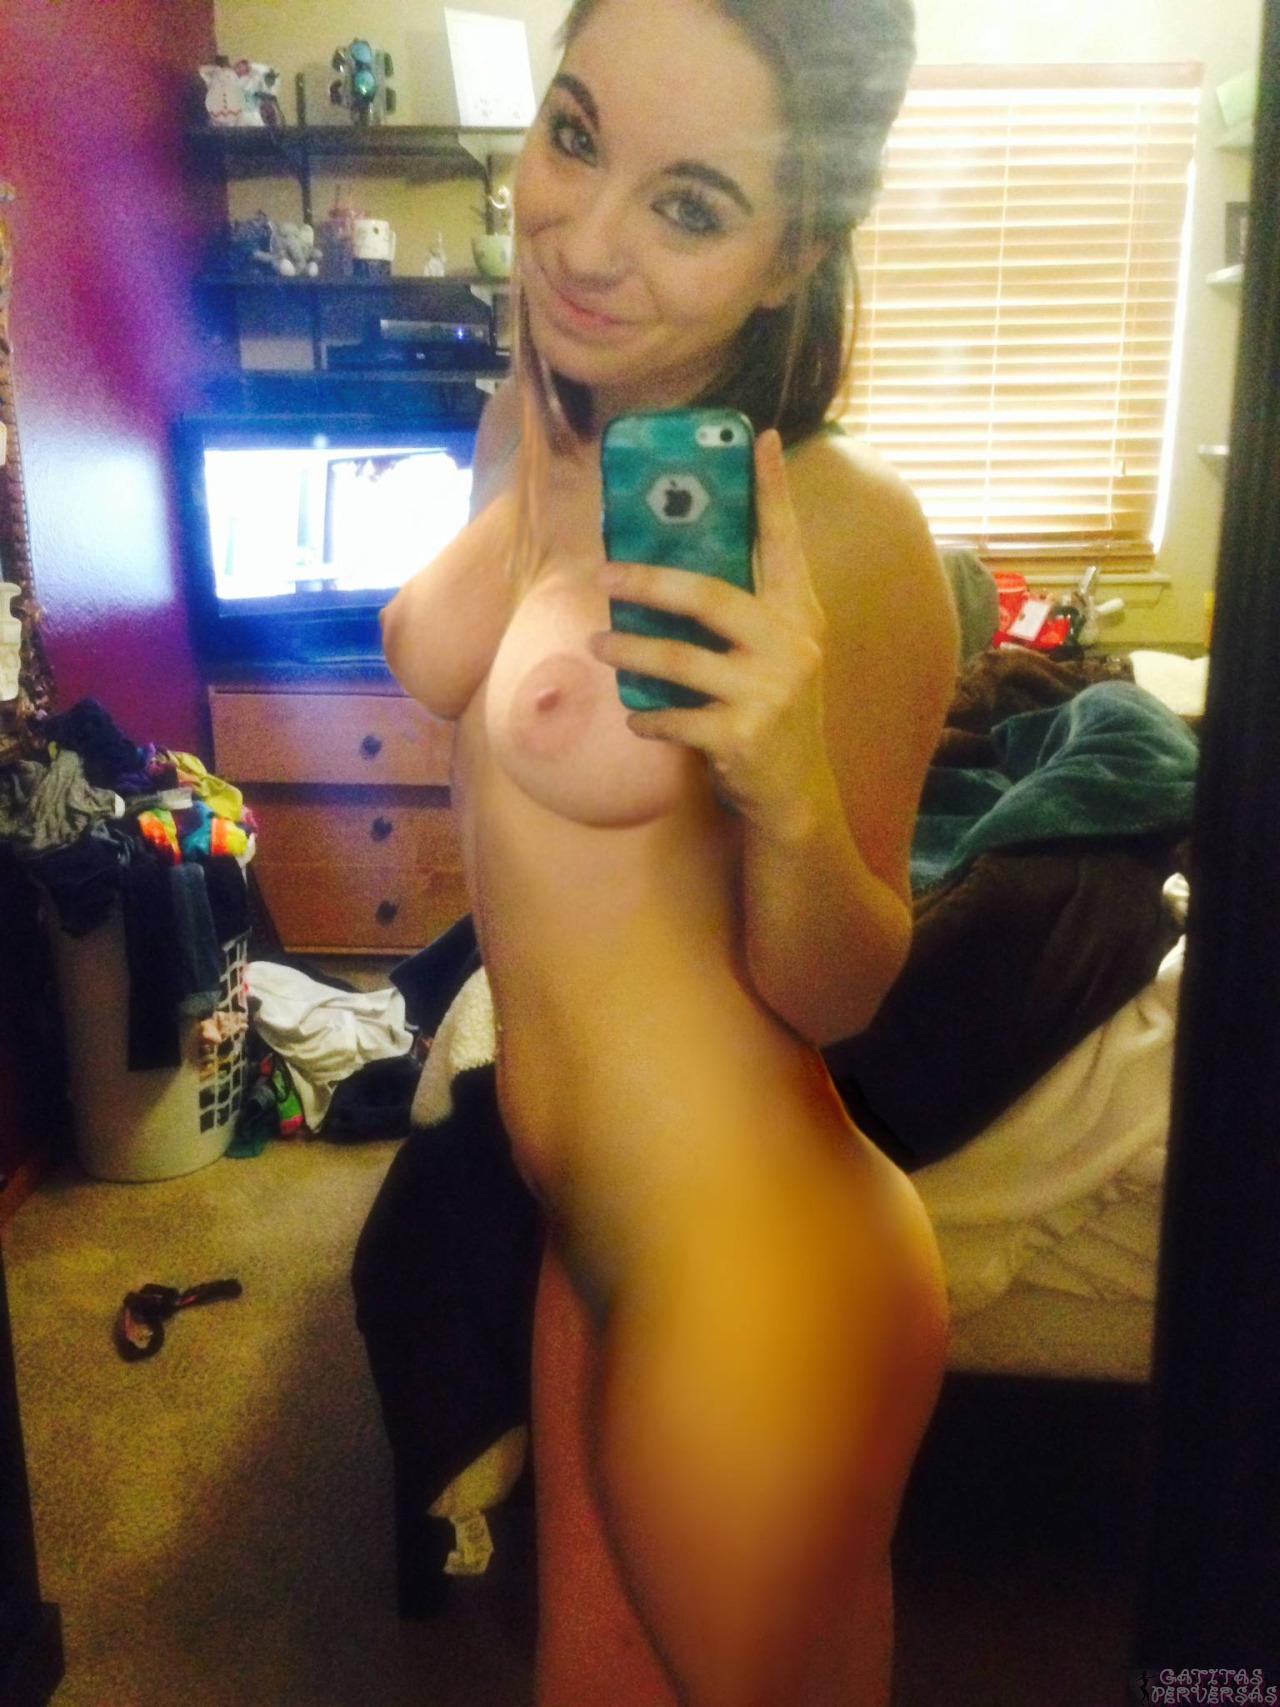 petite nude selfie girls